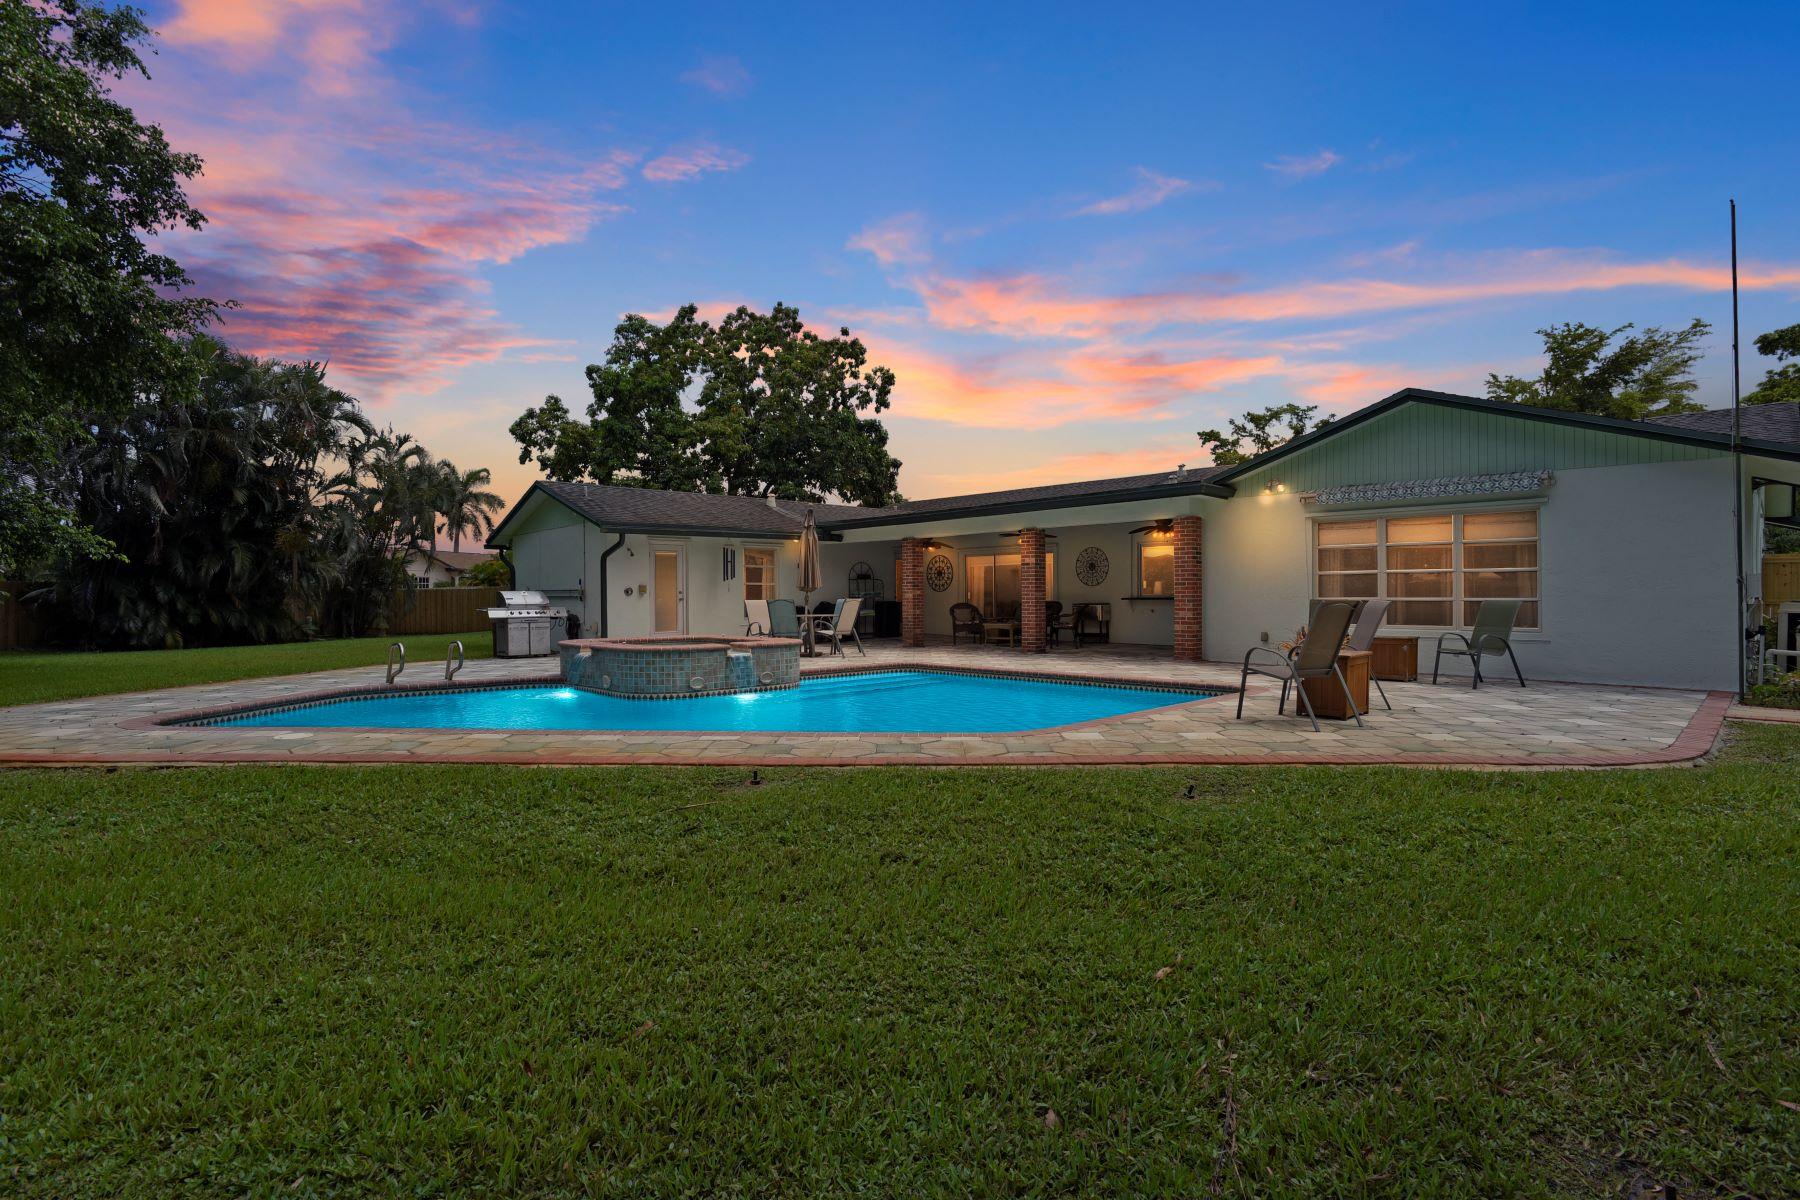 Maison unifamiliale pour l Vente à 1200 Sw 70th Ave 1200 Sw 70th Ave Plantation, Florida 33317 États-Unis